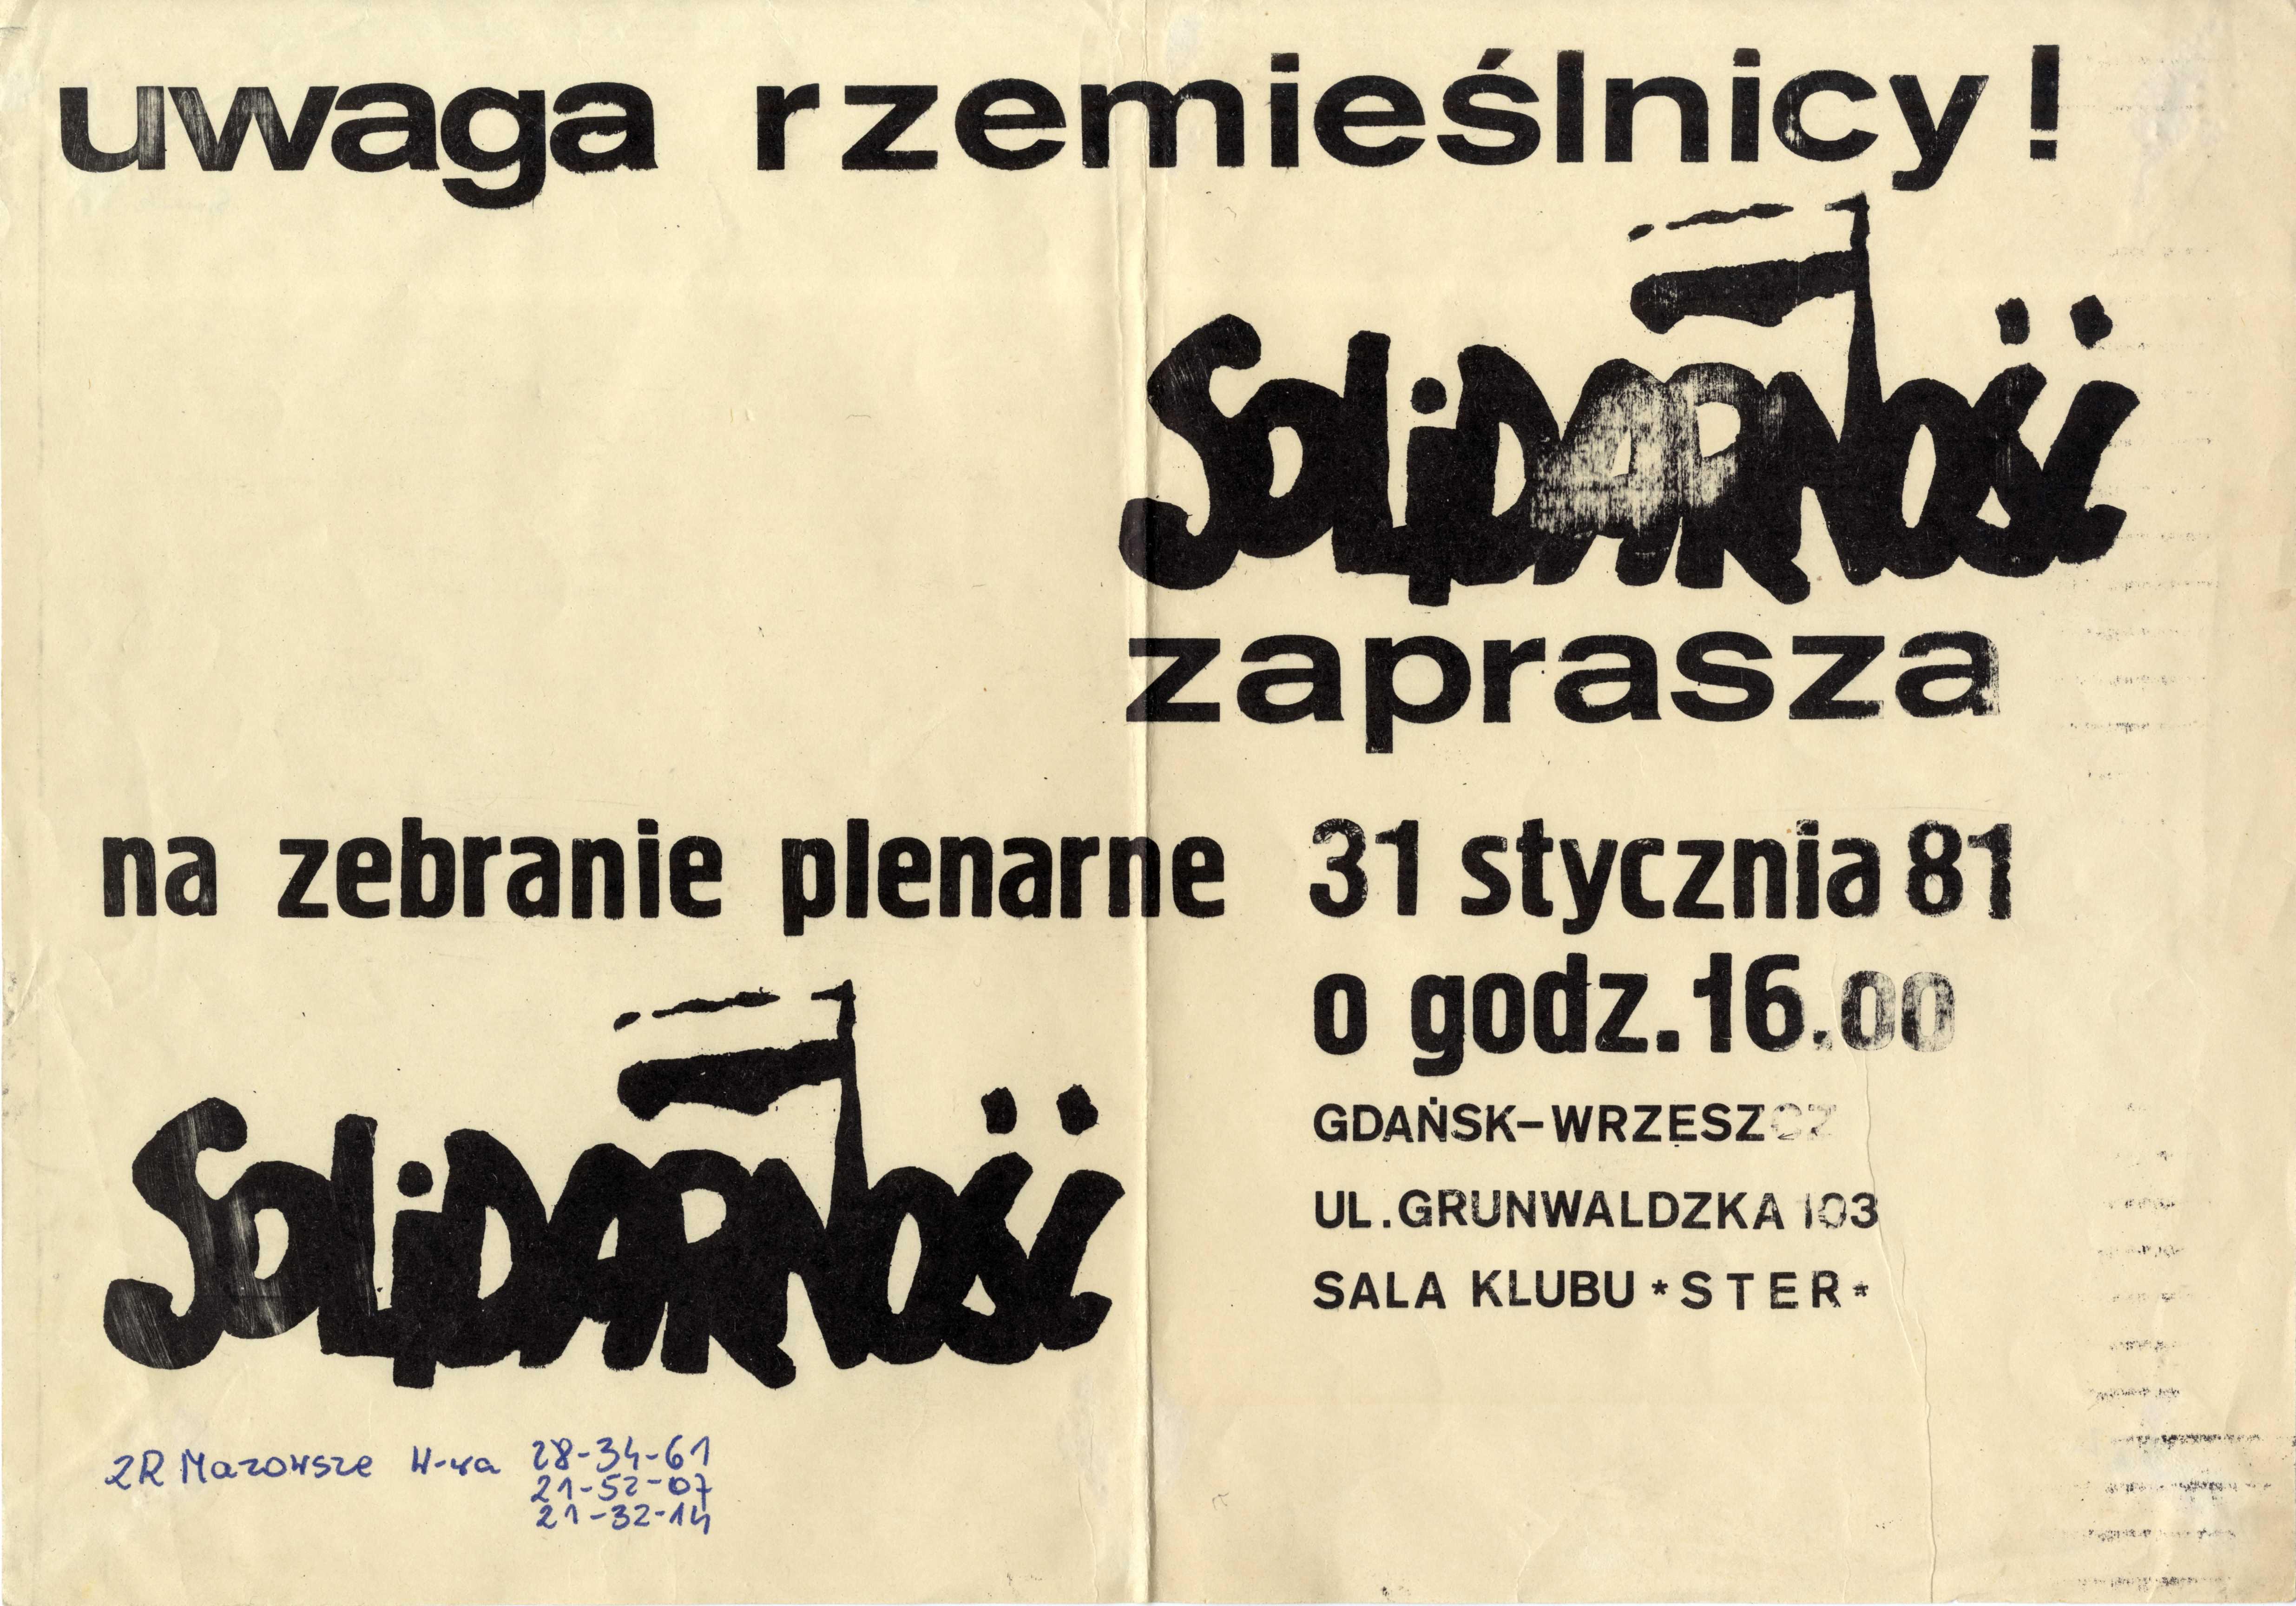 plakaty solidarności rzemieślniczej